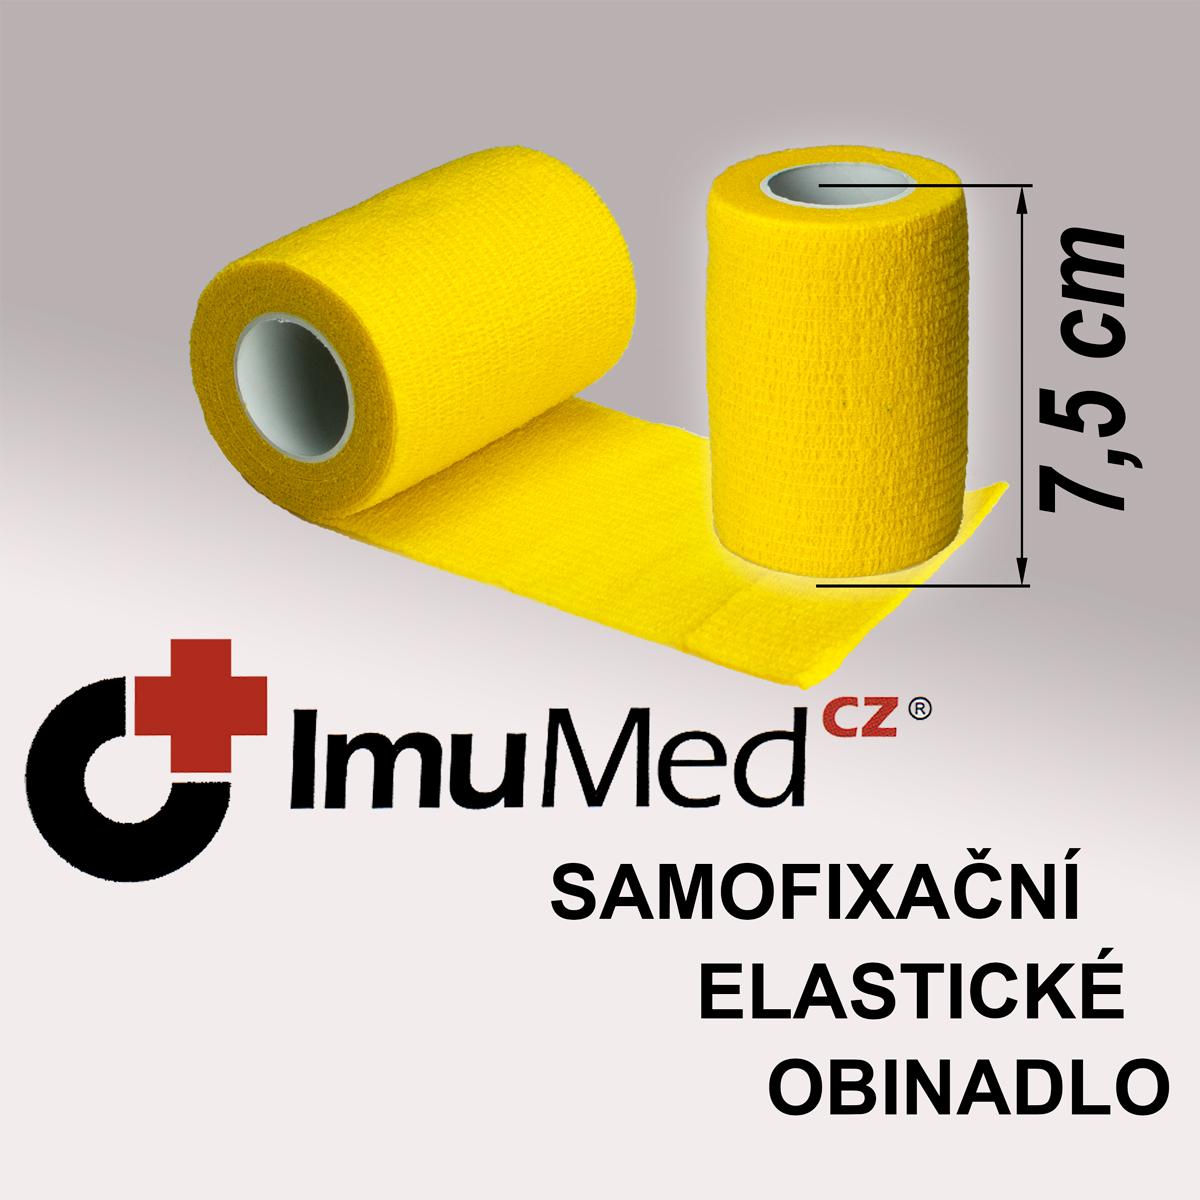 ImuMedCZ samofixační elastické obinadlo 7,5cm x 4,5m ŽLUTÁ barva ImuMedCZ samodržící elastické obinadlo 7,5cm x 4,5m ŽLUTÁ barva